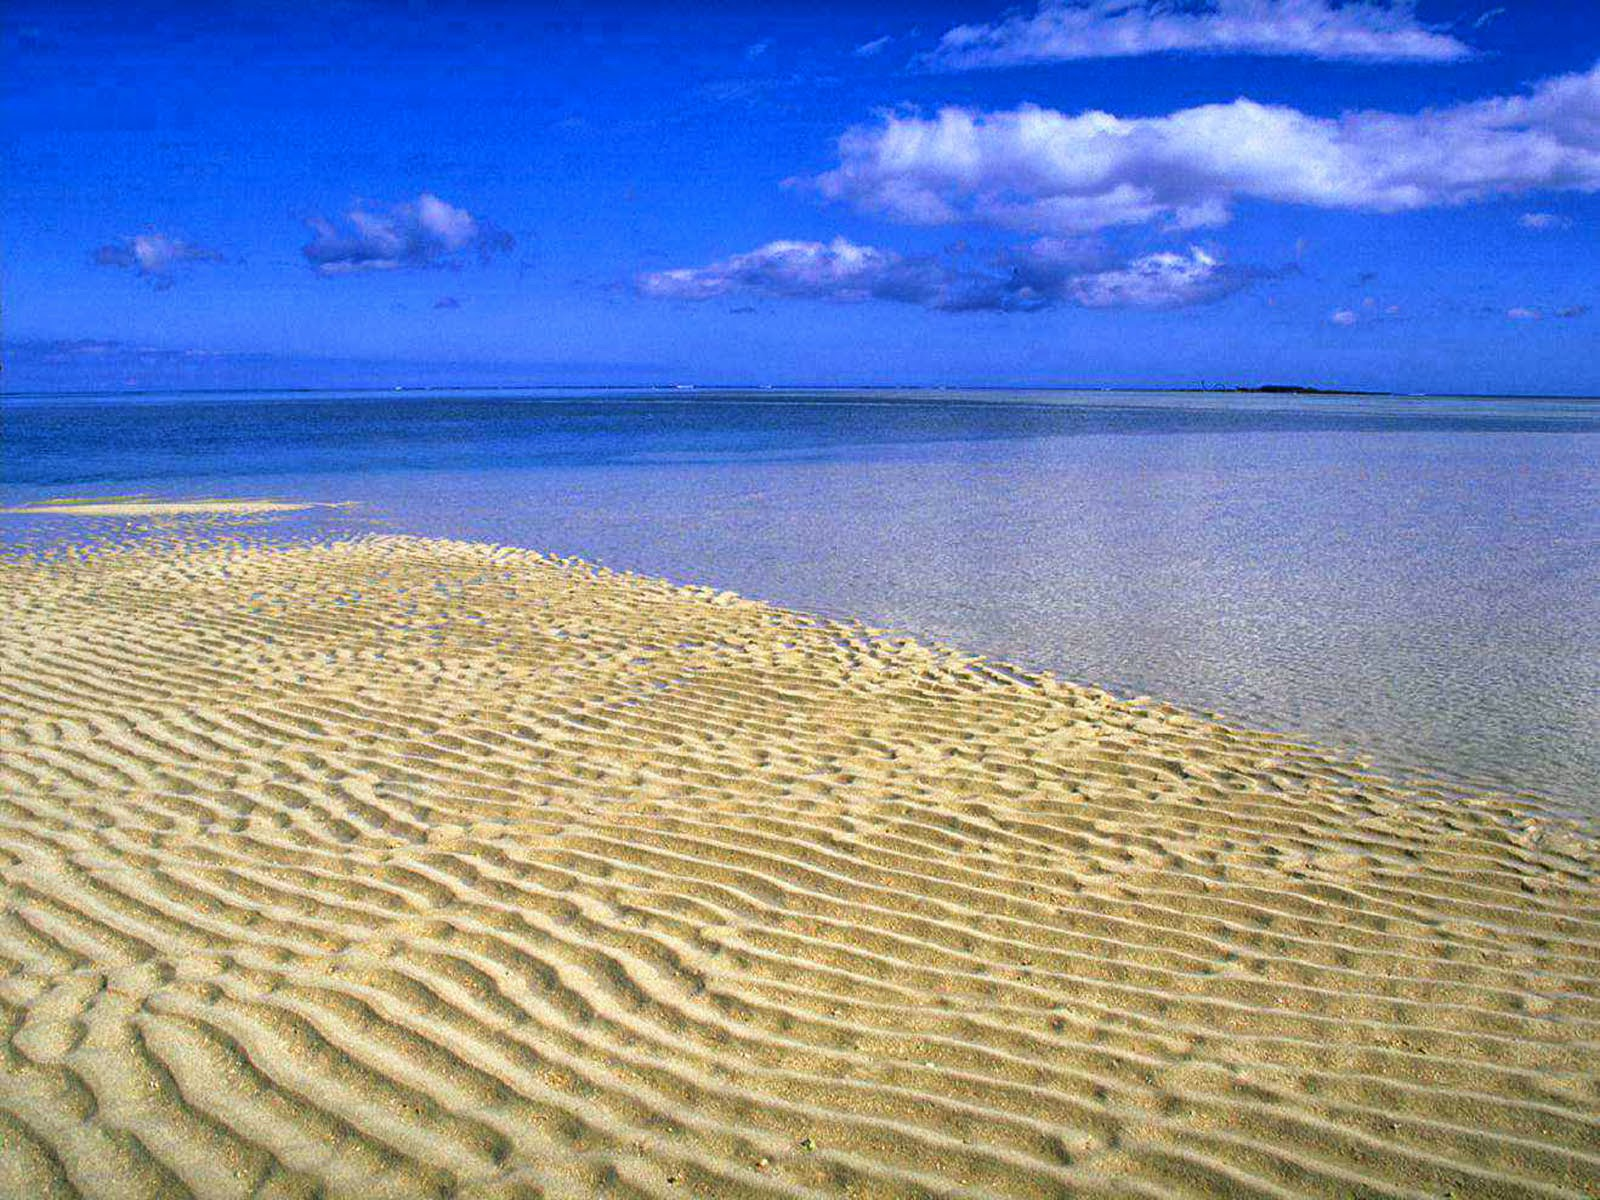 Щото делают на диком пляже 21 фотография